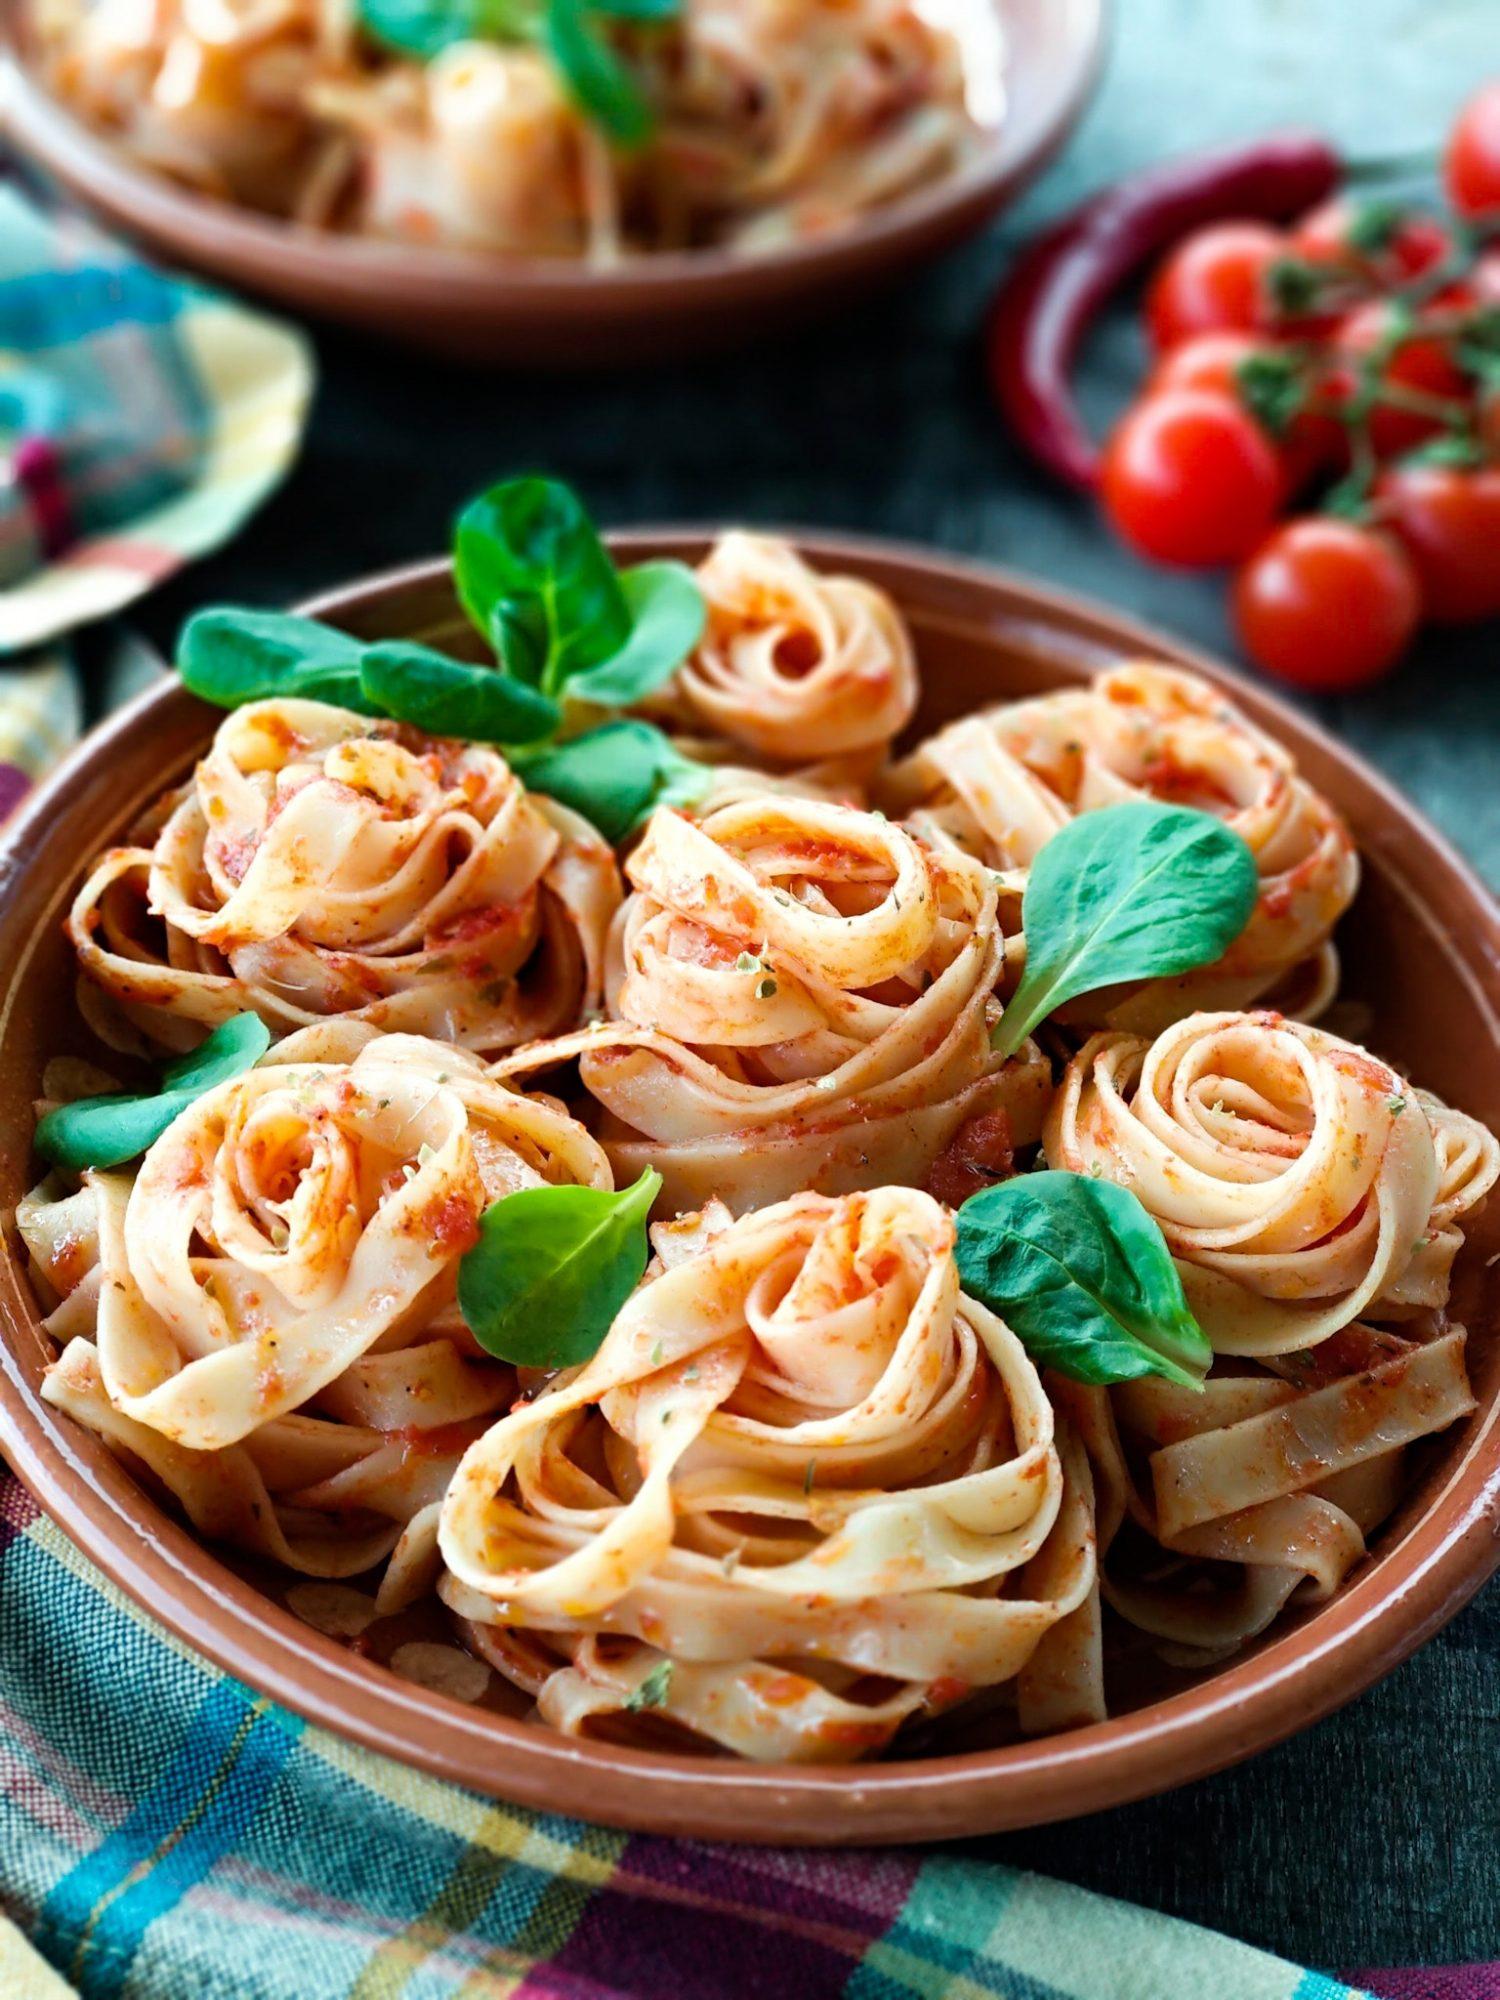 Средиземноморская диета. Паста с вялеными помидорами и оливковым маслом.